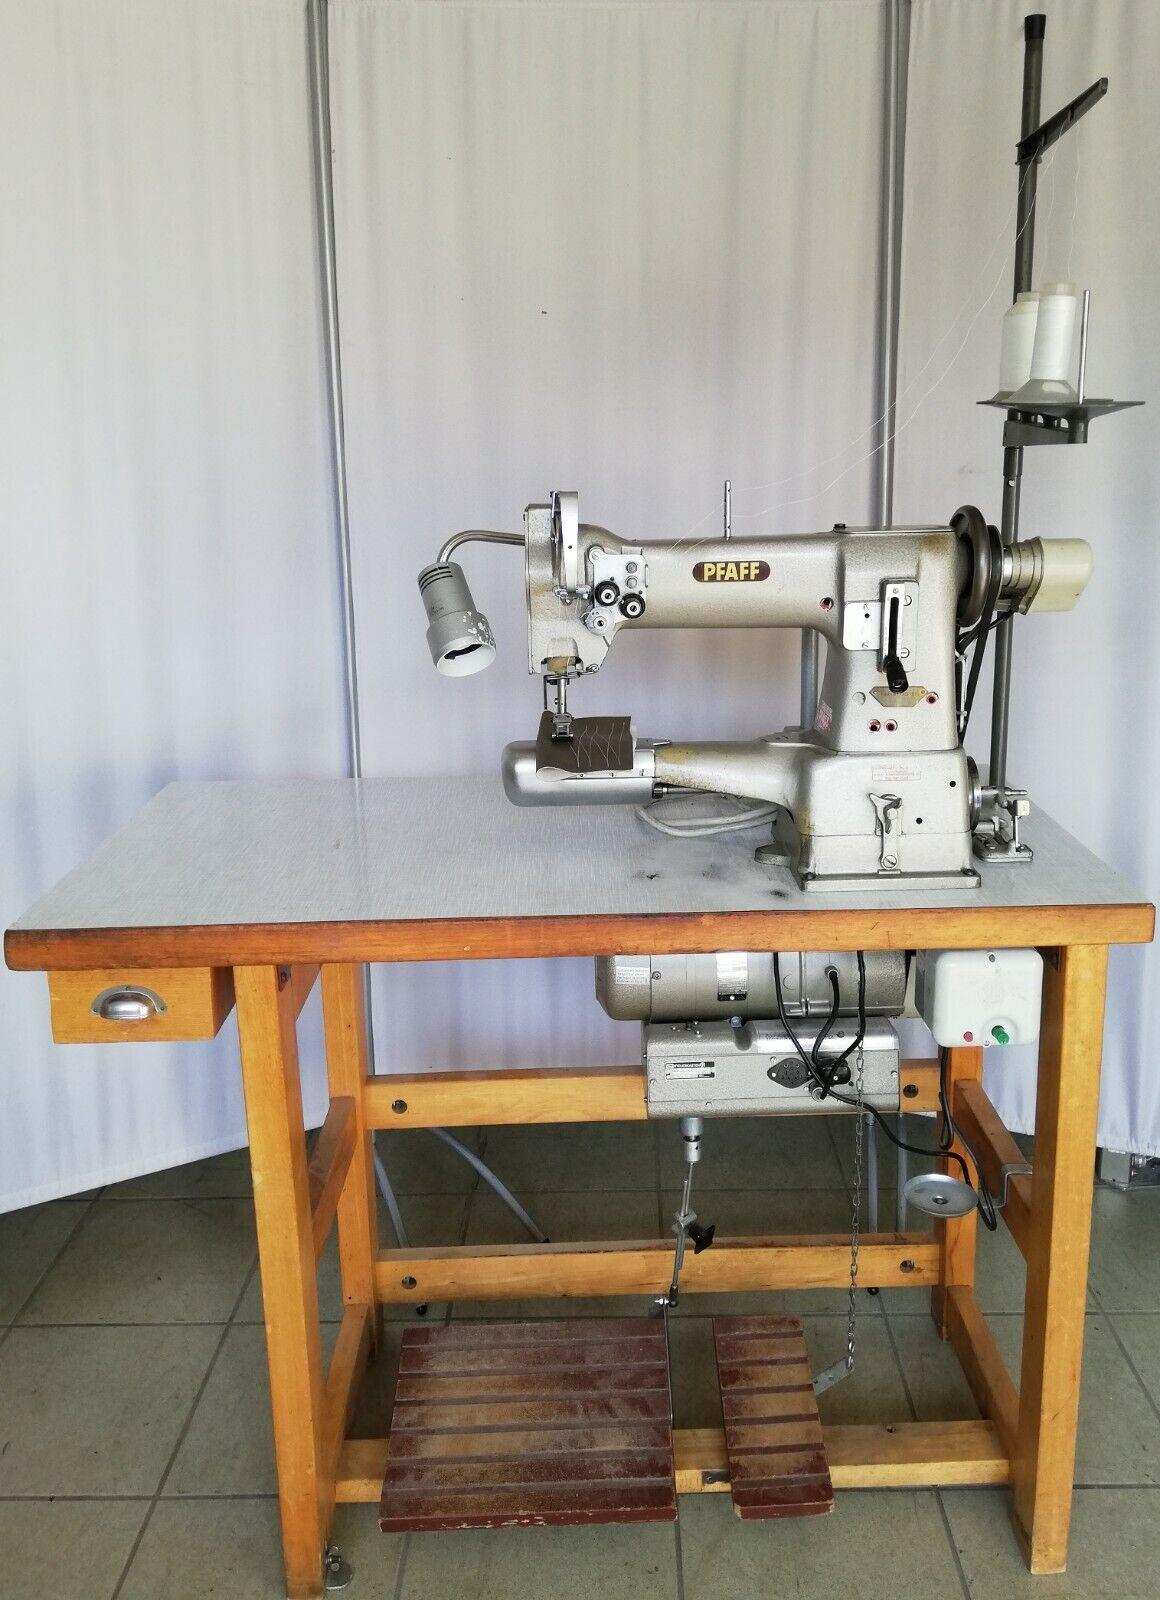 Industrielle Nähmaschine Einzelfalzbinder Bindungsbefestigungsteile Größe 2